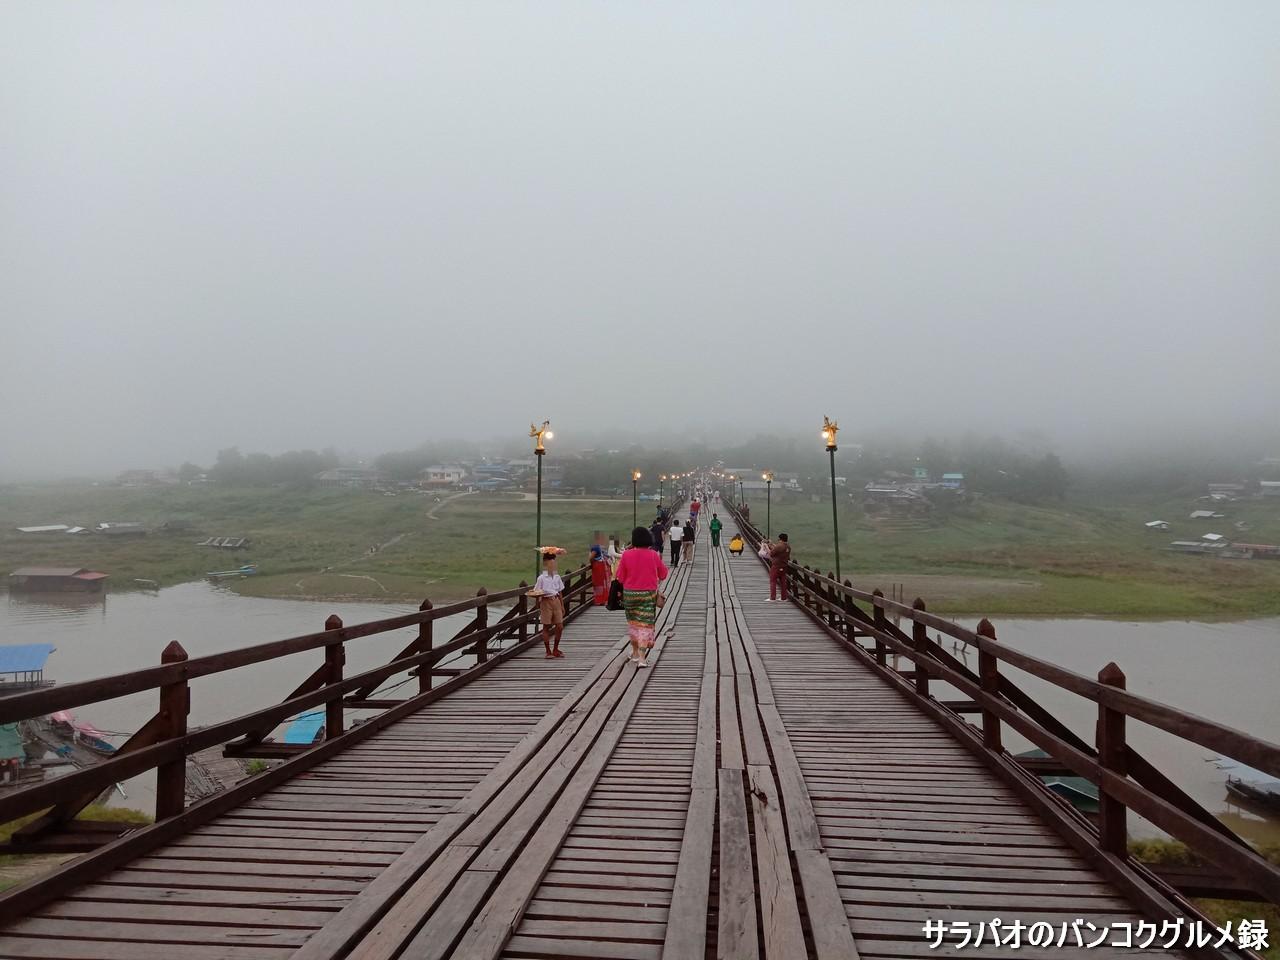 モン橋は世界で二番目に長い木造橋 in カンチャナブリ